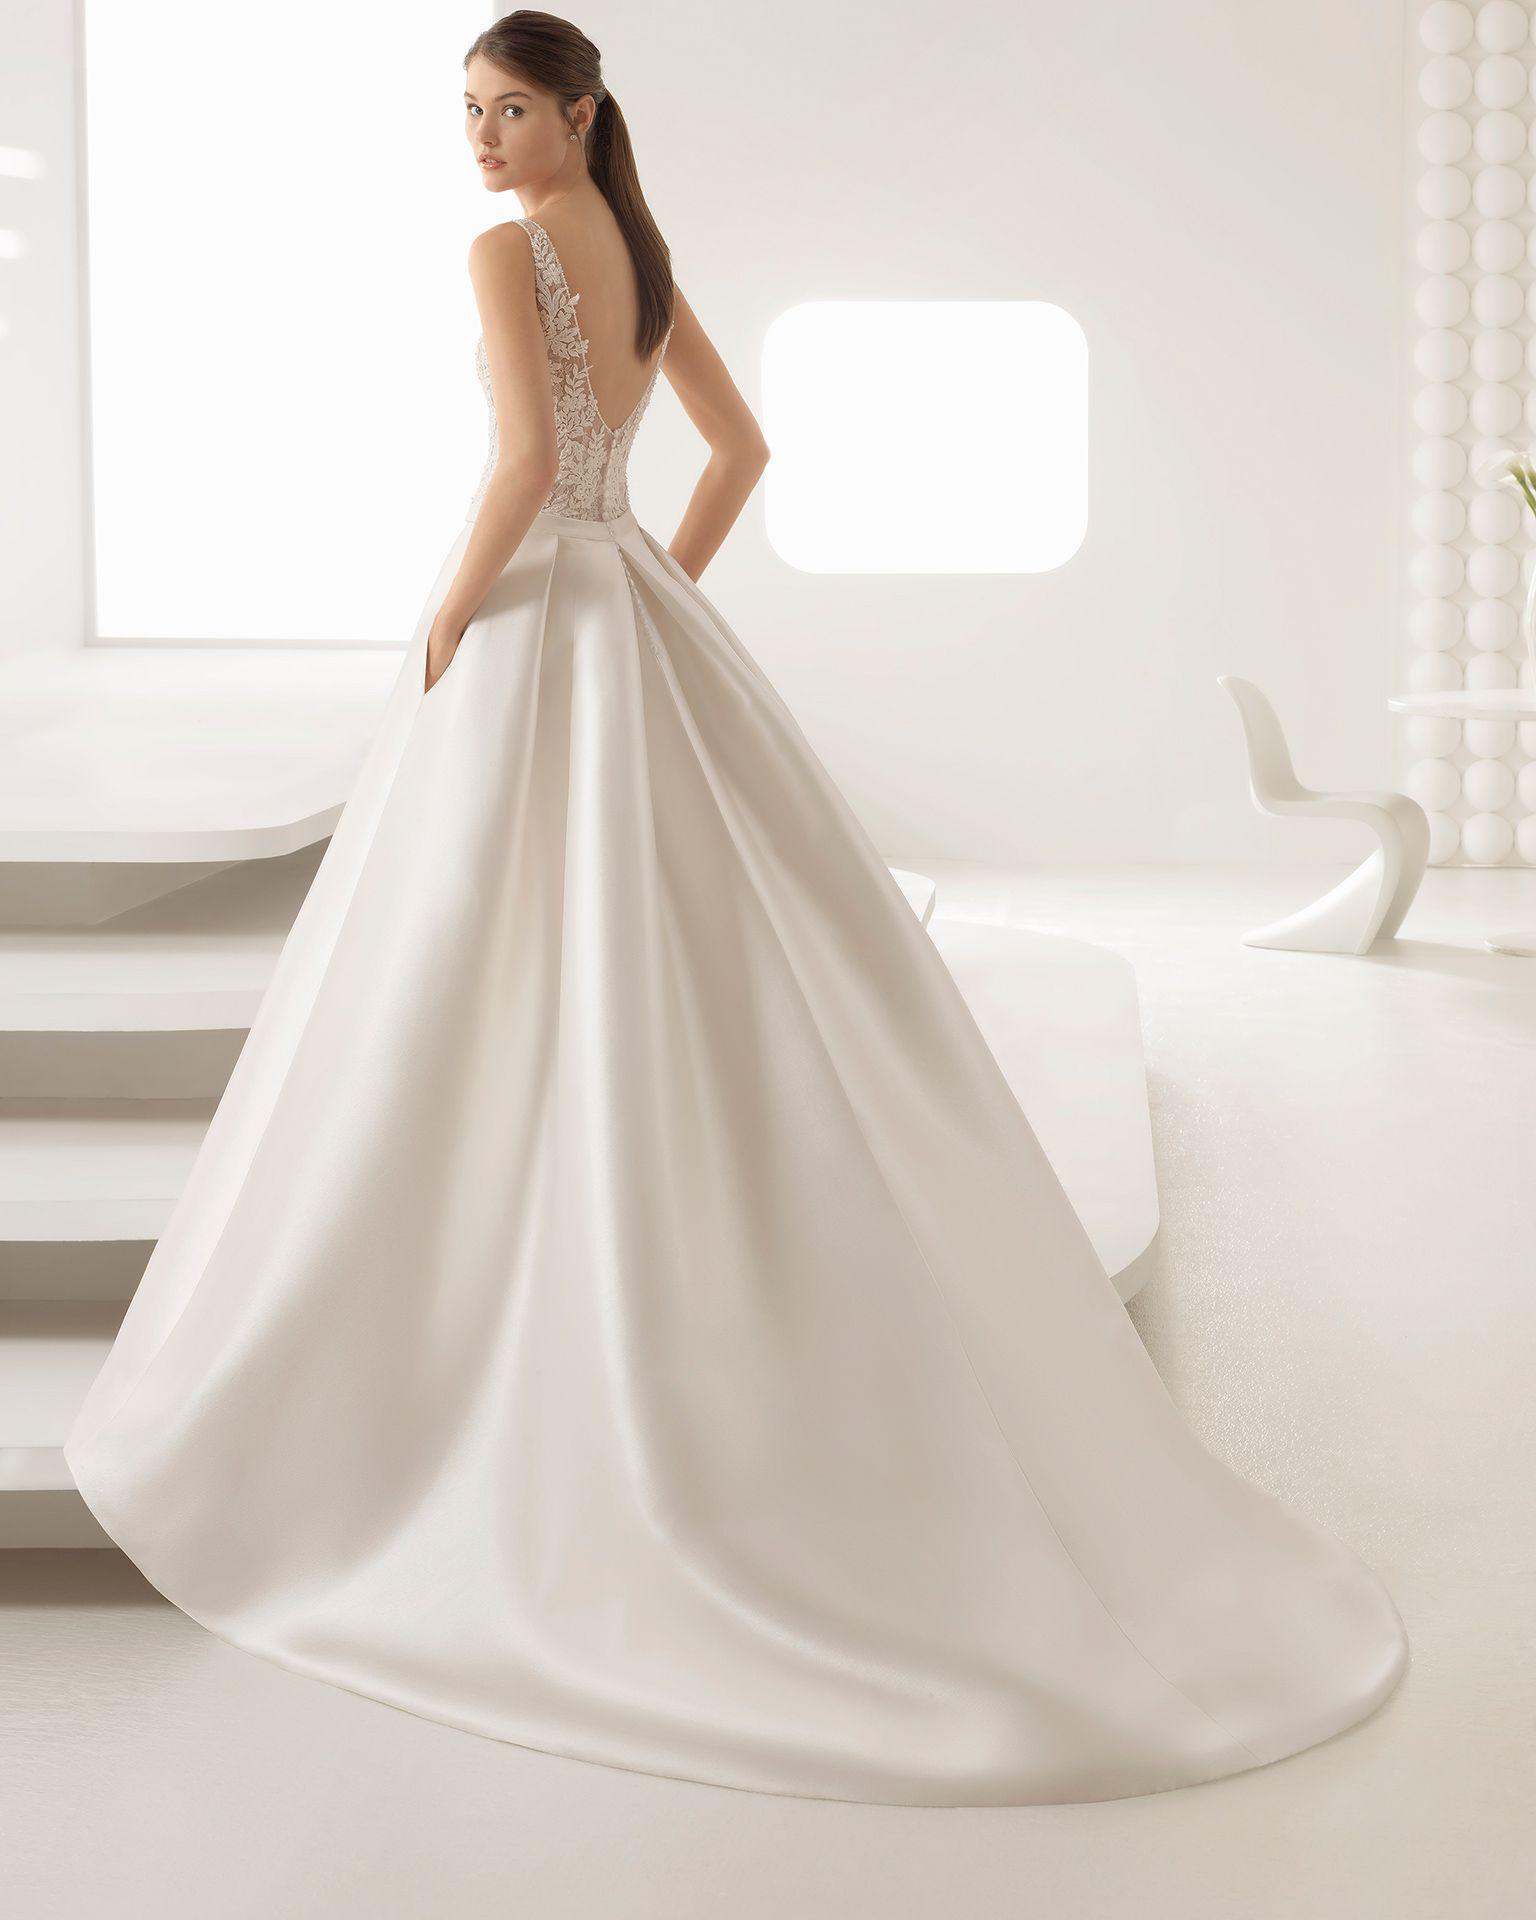 ARMONIA - Hochzeit 2018. Rosa Clará Kollektion | Pinterest ...